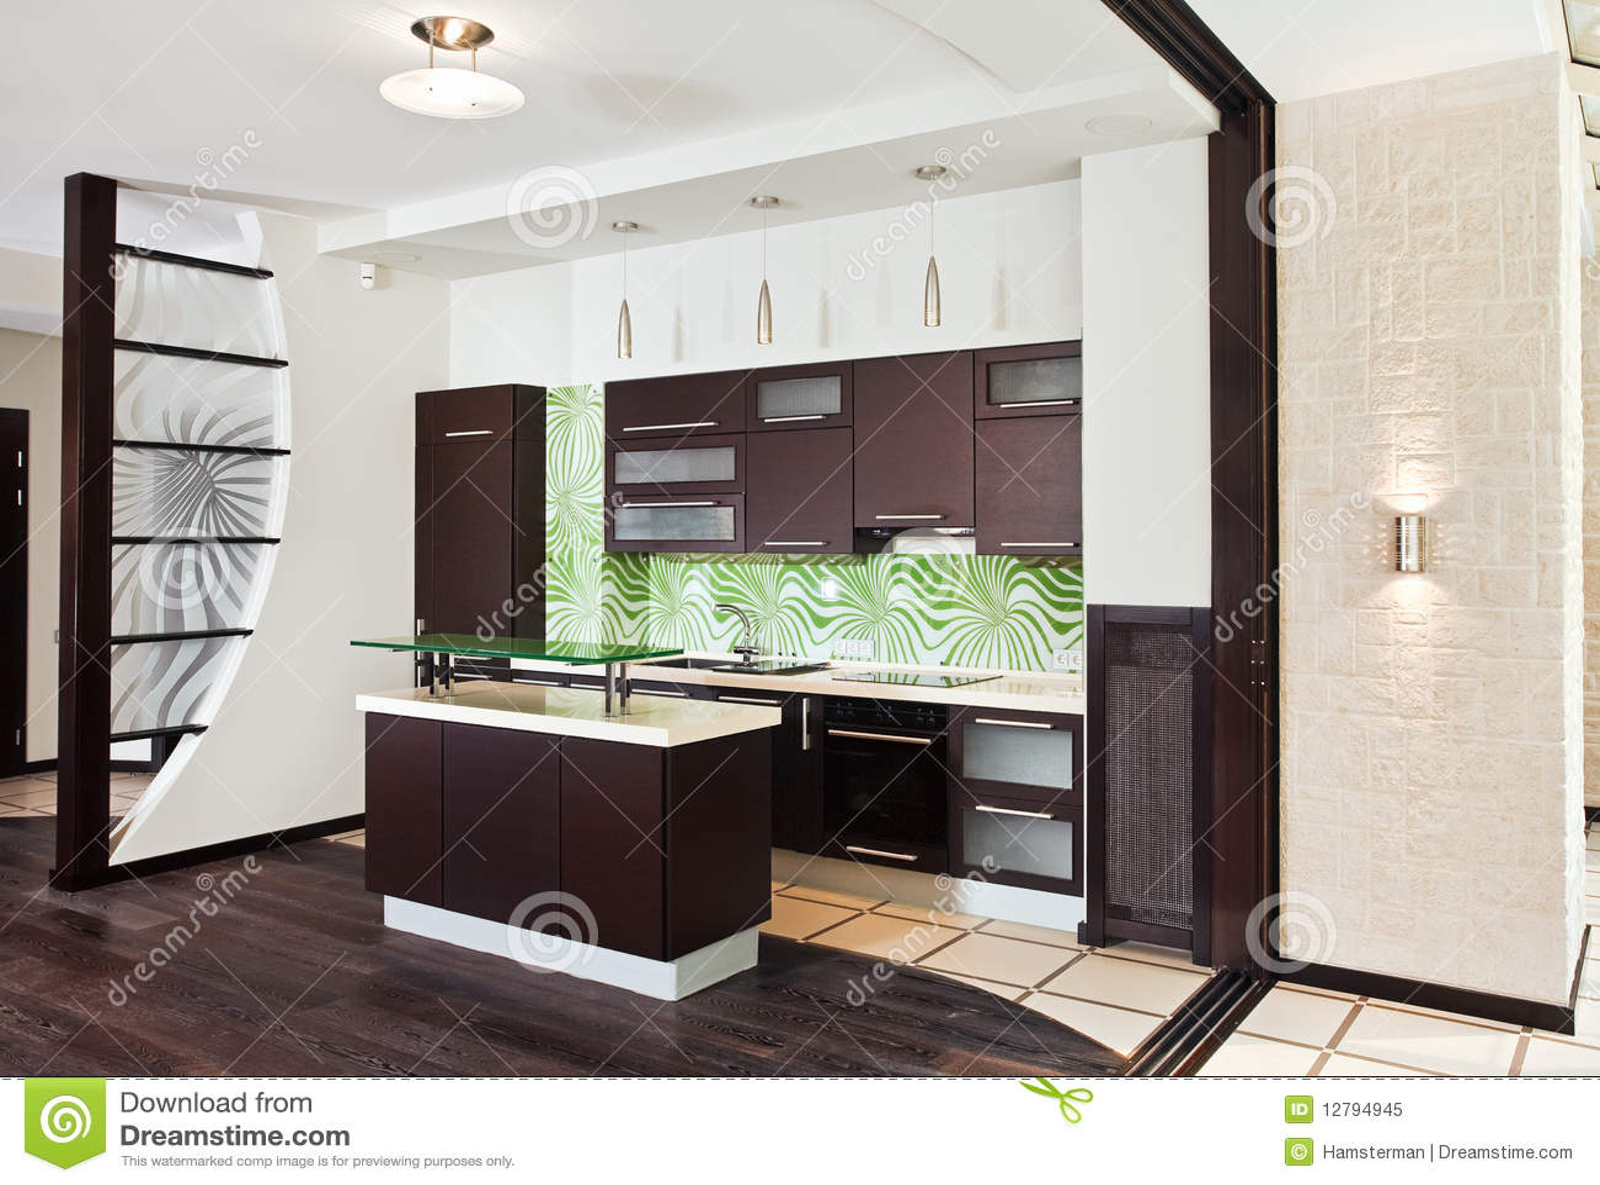 Eccezionale Cucina Moderna Con Il Pavimento Di Legno Scuro Immagine Stock  CG22